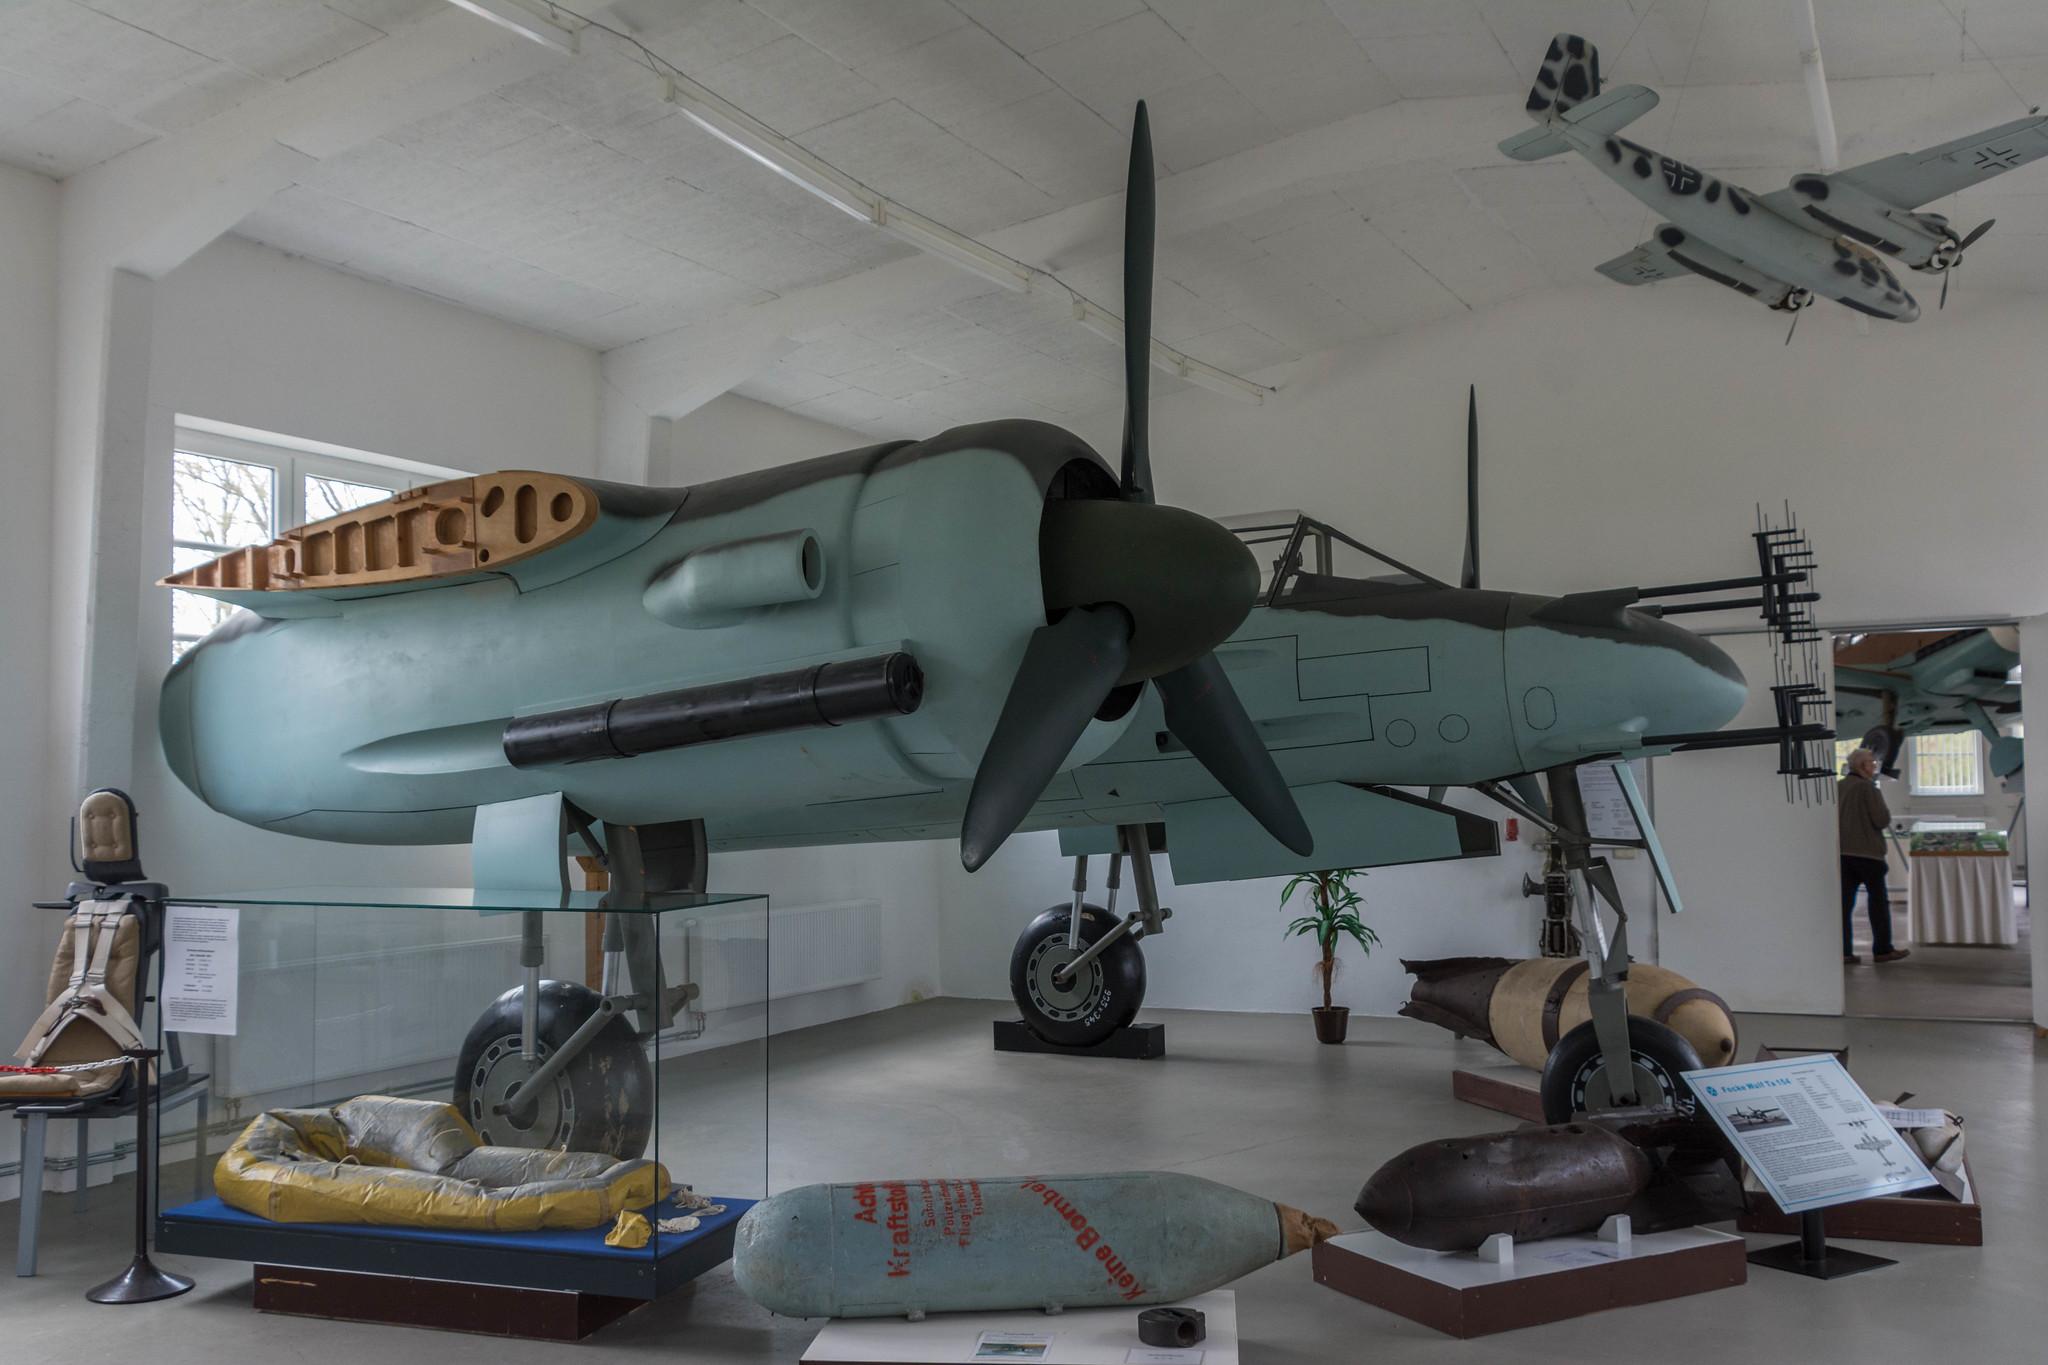 Focke-Wulf Ta 154 Replica, Luftfahrt Technisches Museum, Rechlin